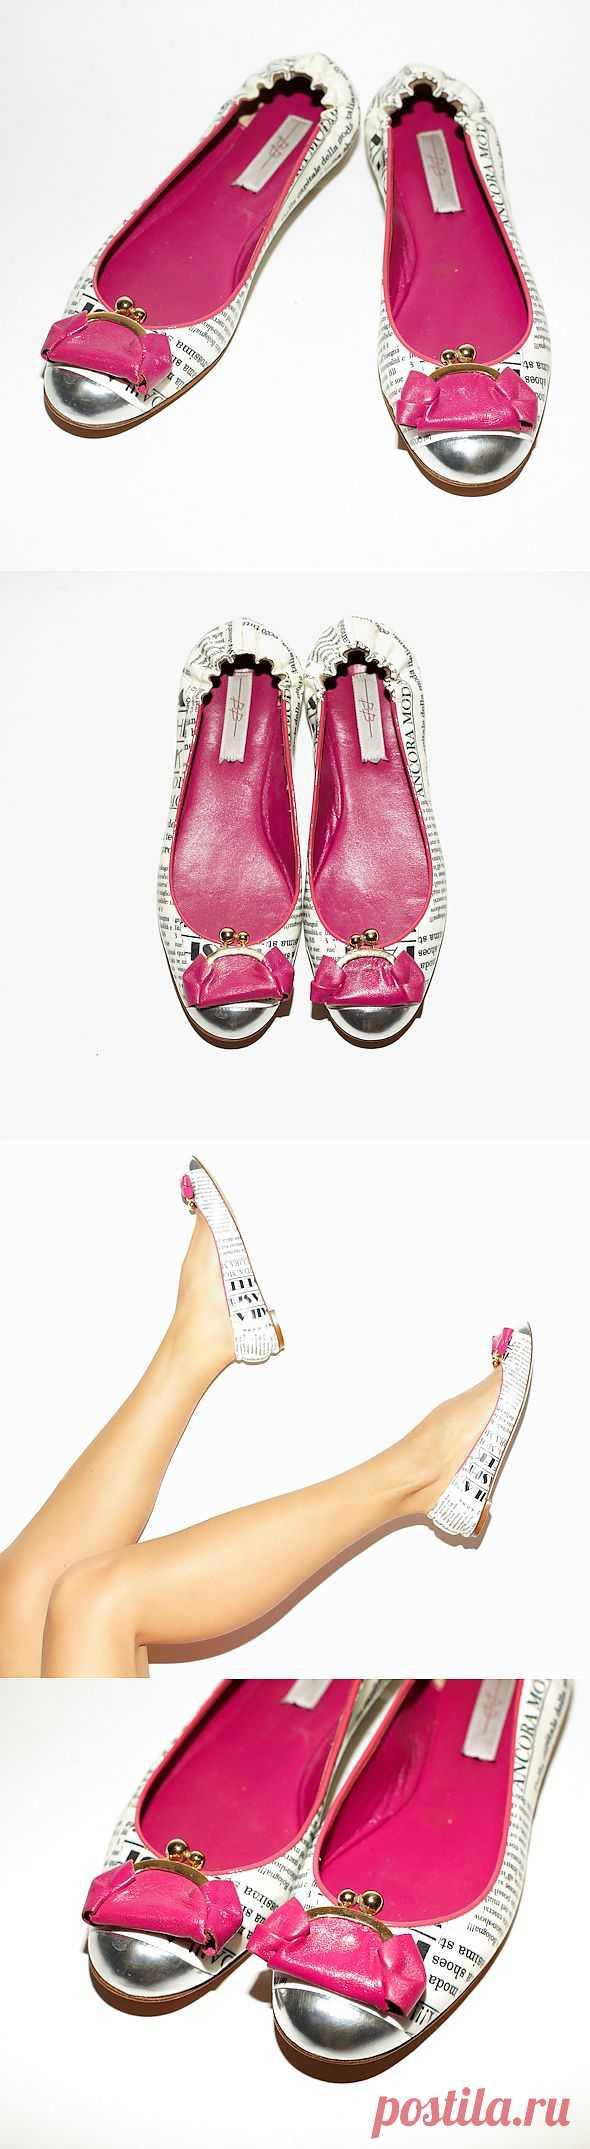 Газетные туфли с кошелечками))) / Обувь / Модный сайт о стильной переделке одежды и интерьера